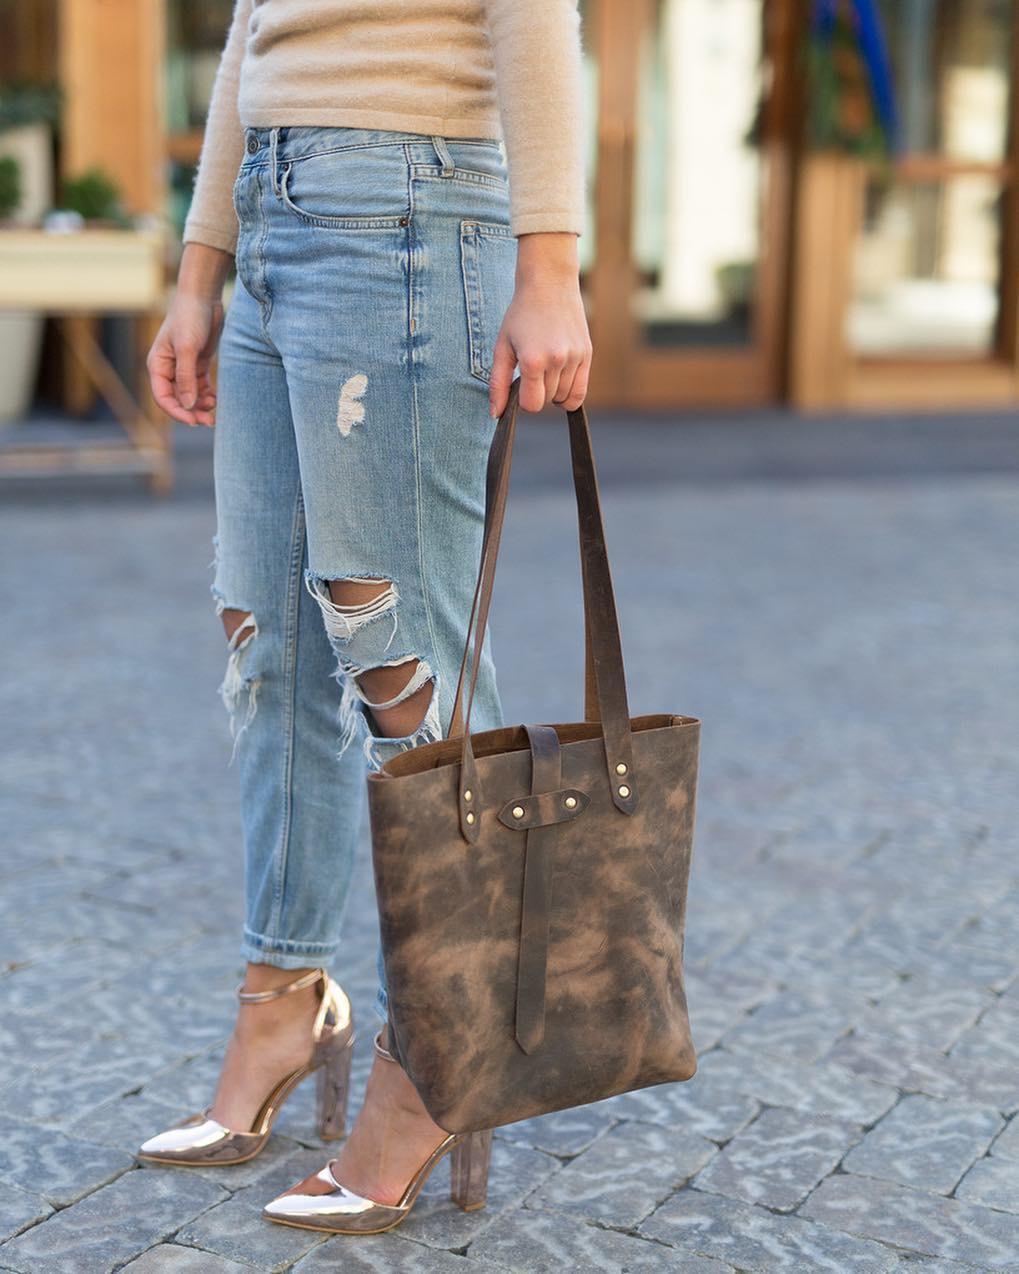 6 kiểu túi xách không bao giờ sợ lỗi mốt, chị em hãy mạnh dạn đầu tư để dùng dần - Ảnh 3